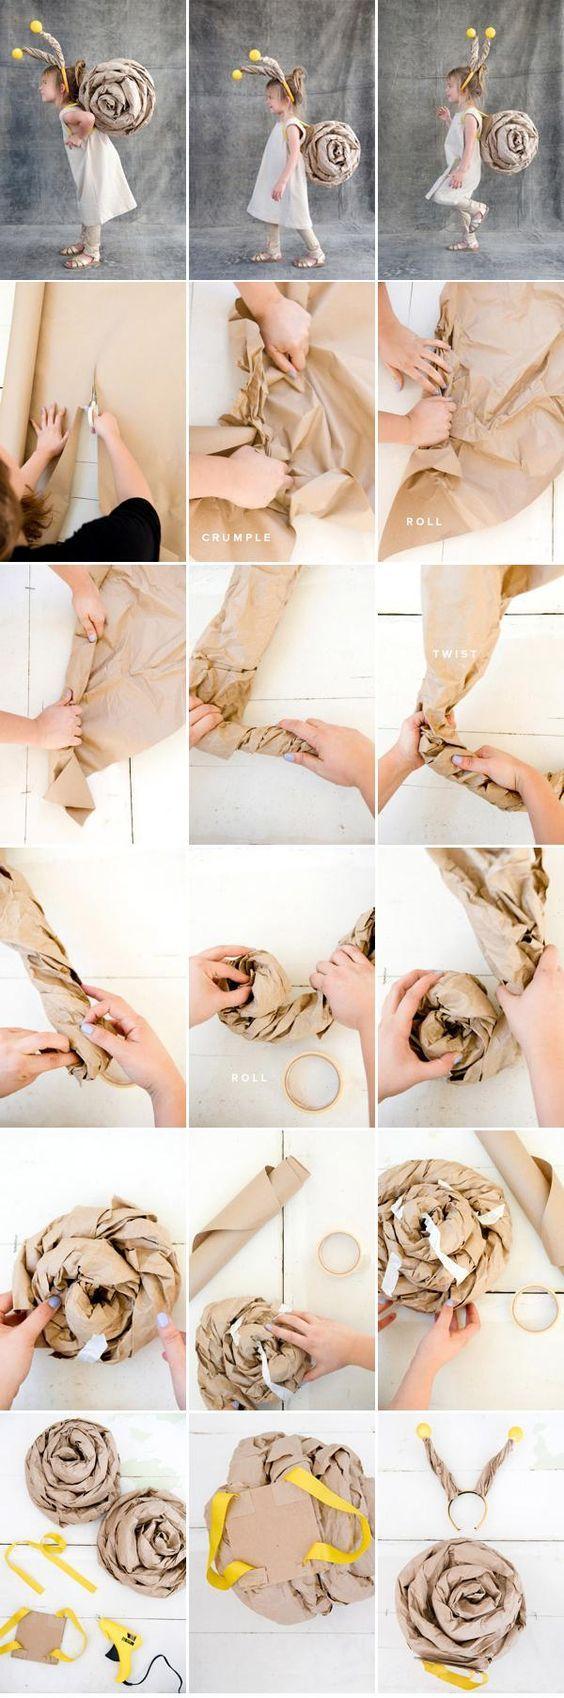 Brīnišķīgs gliemeža kostīms, soli pa solim pamācība. // Snail cosumte by http://ohhappyday.com: